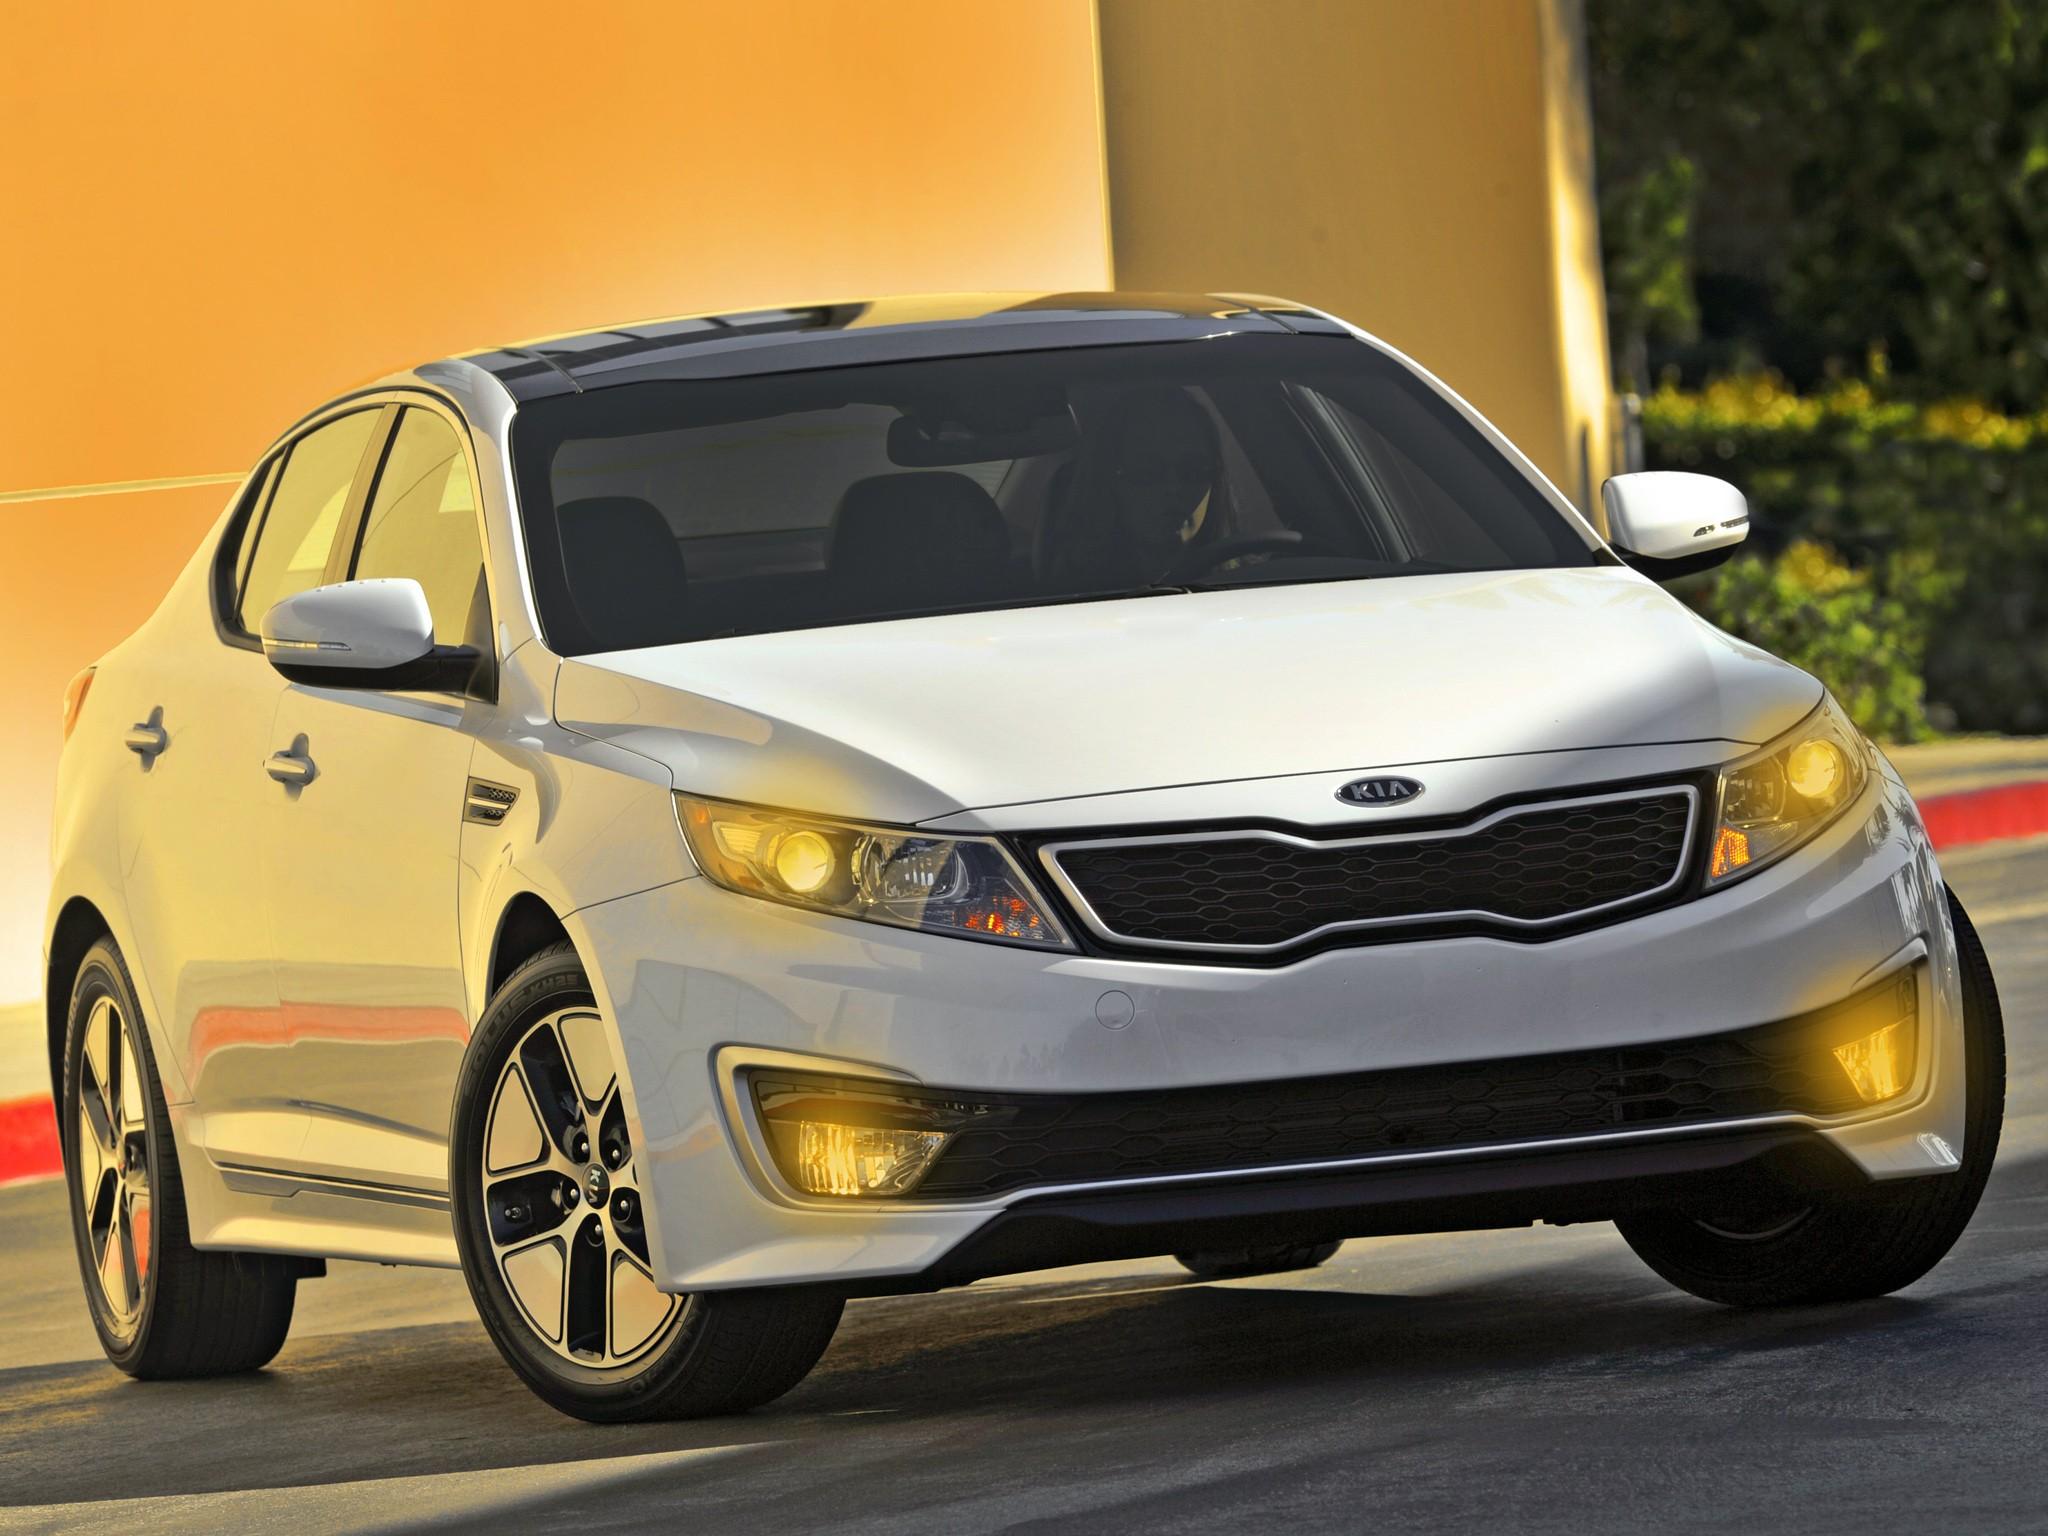 2016 Kia Optima Hybrid >> KIA Optima / K5 - 2010, 2011, 2012, 2013, 2014, 2015, 2016 - autoevolution